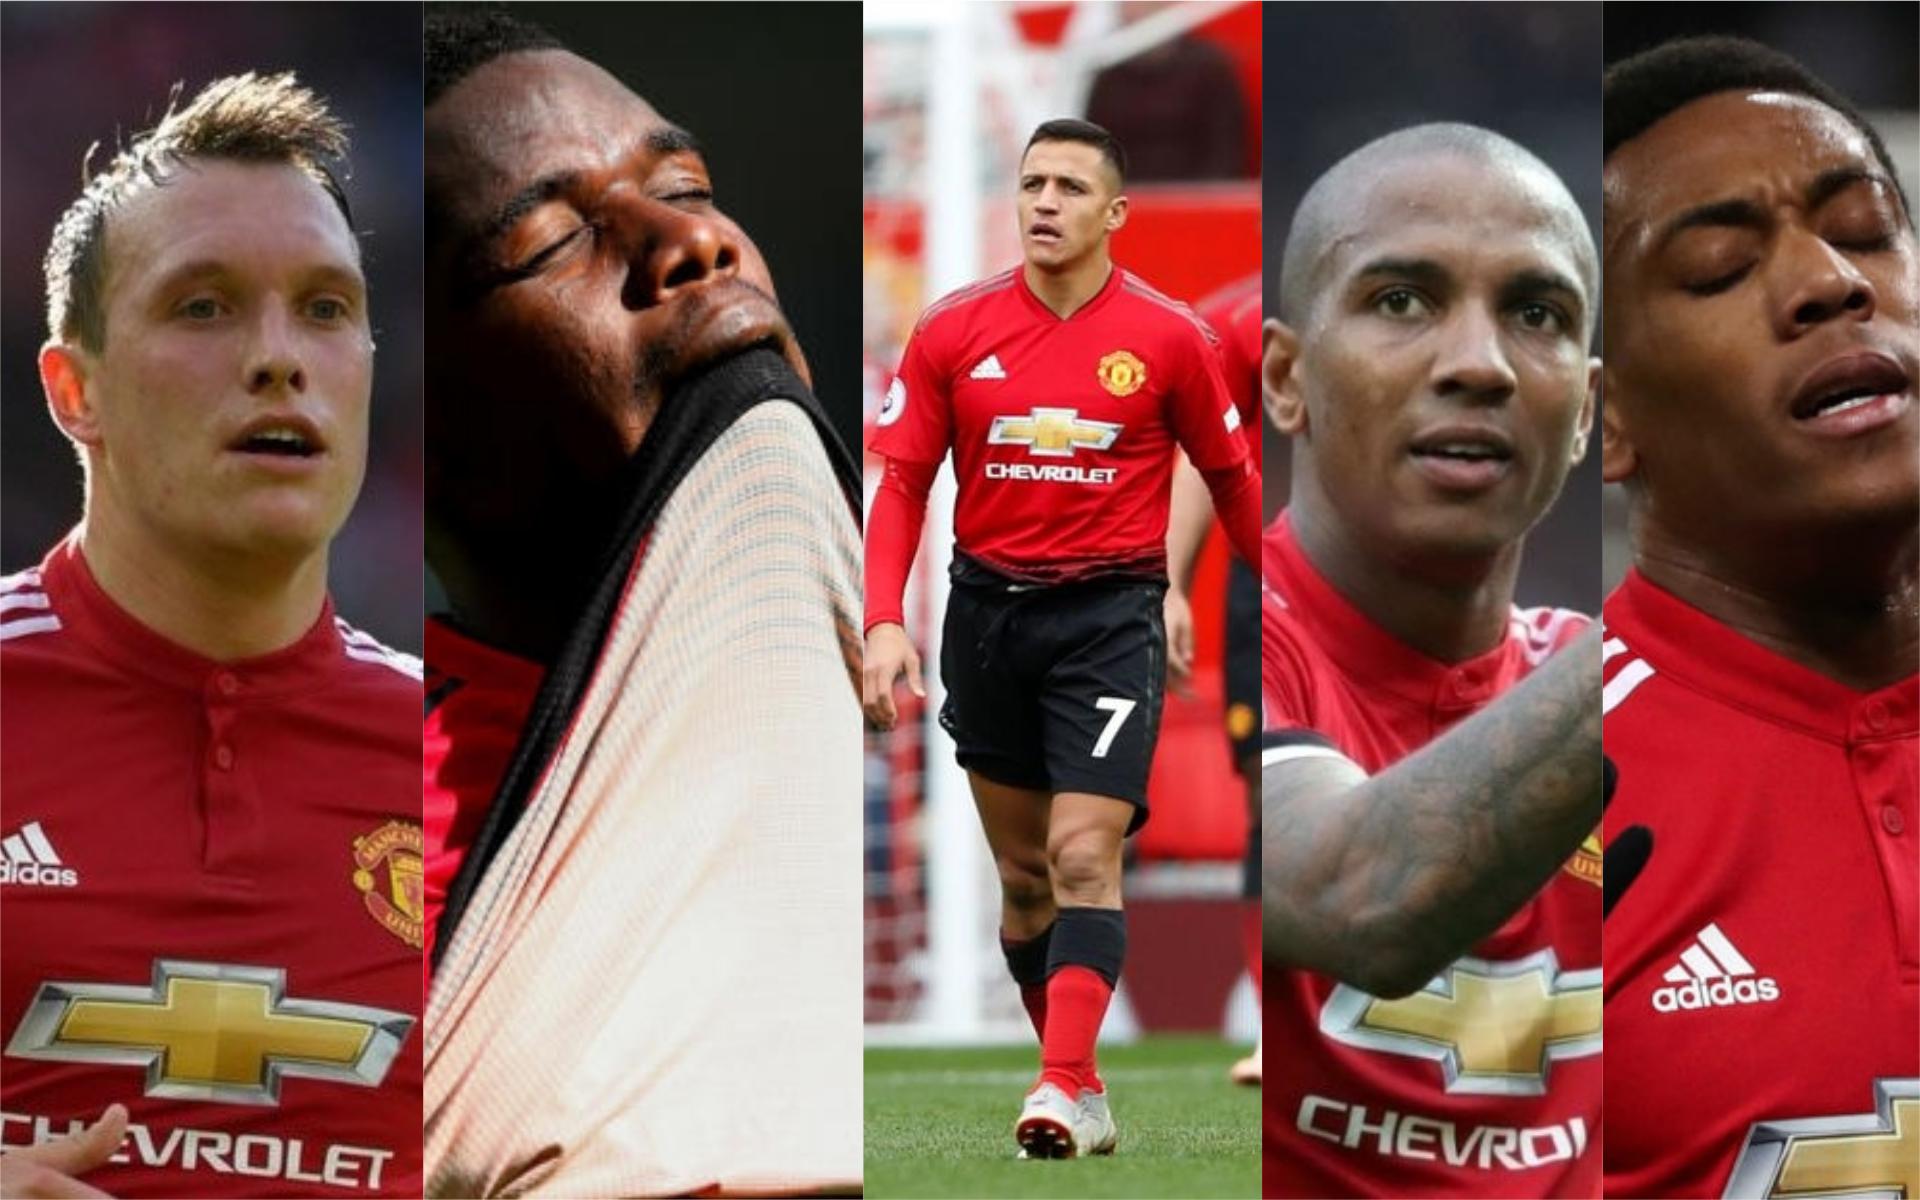 Man United: Big Transfer Window Ahead